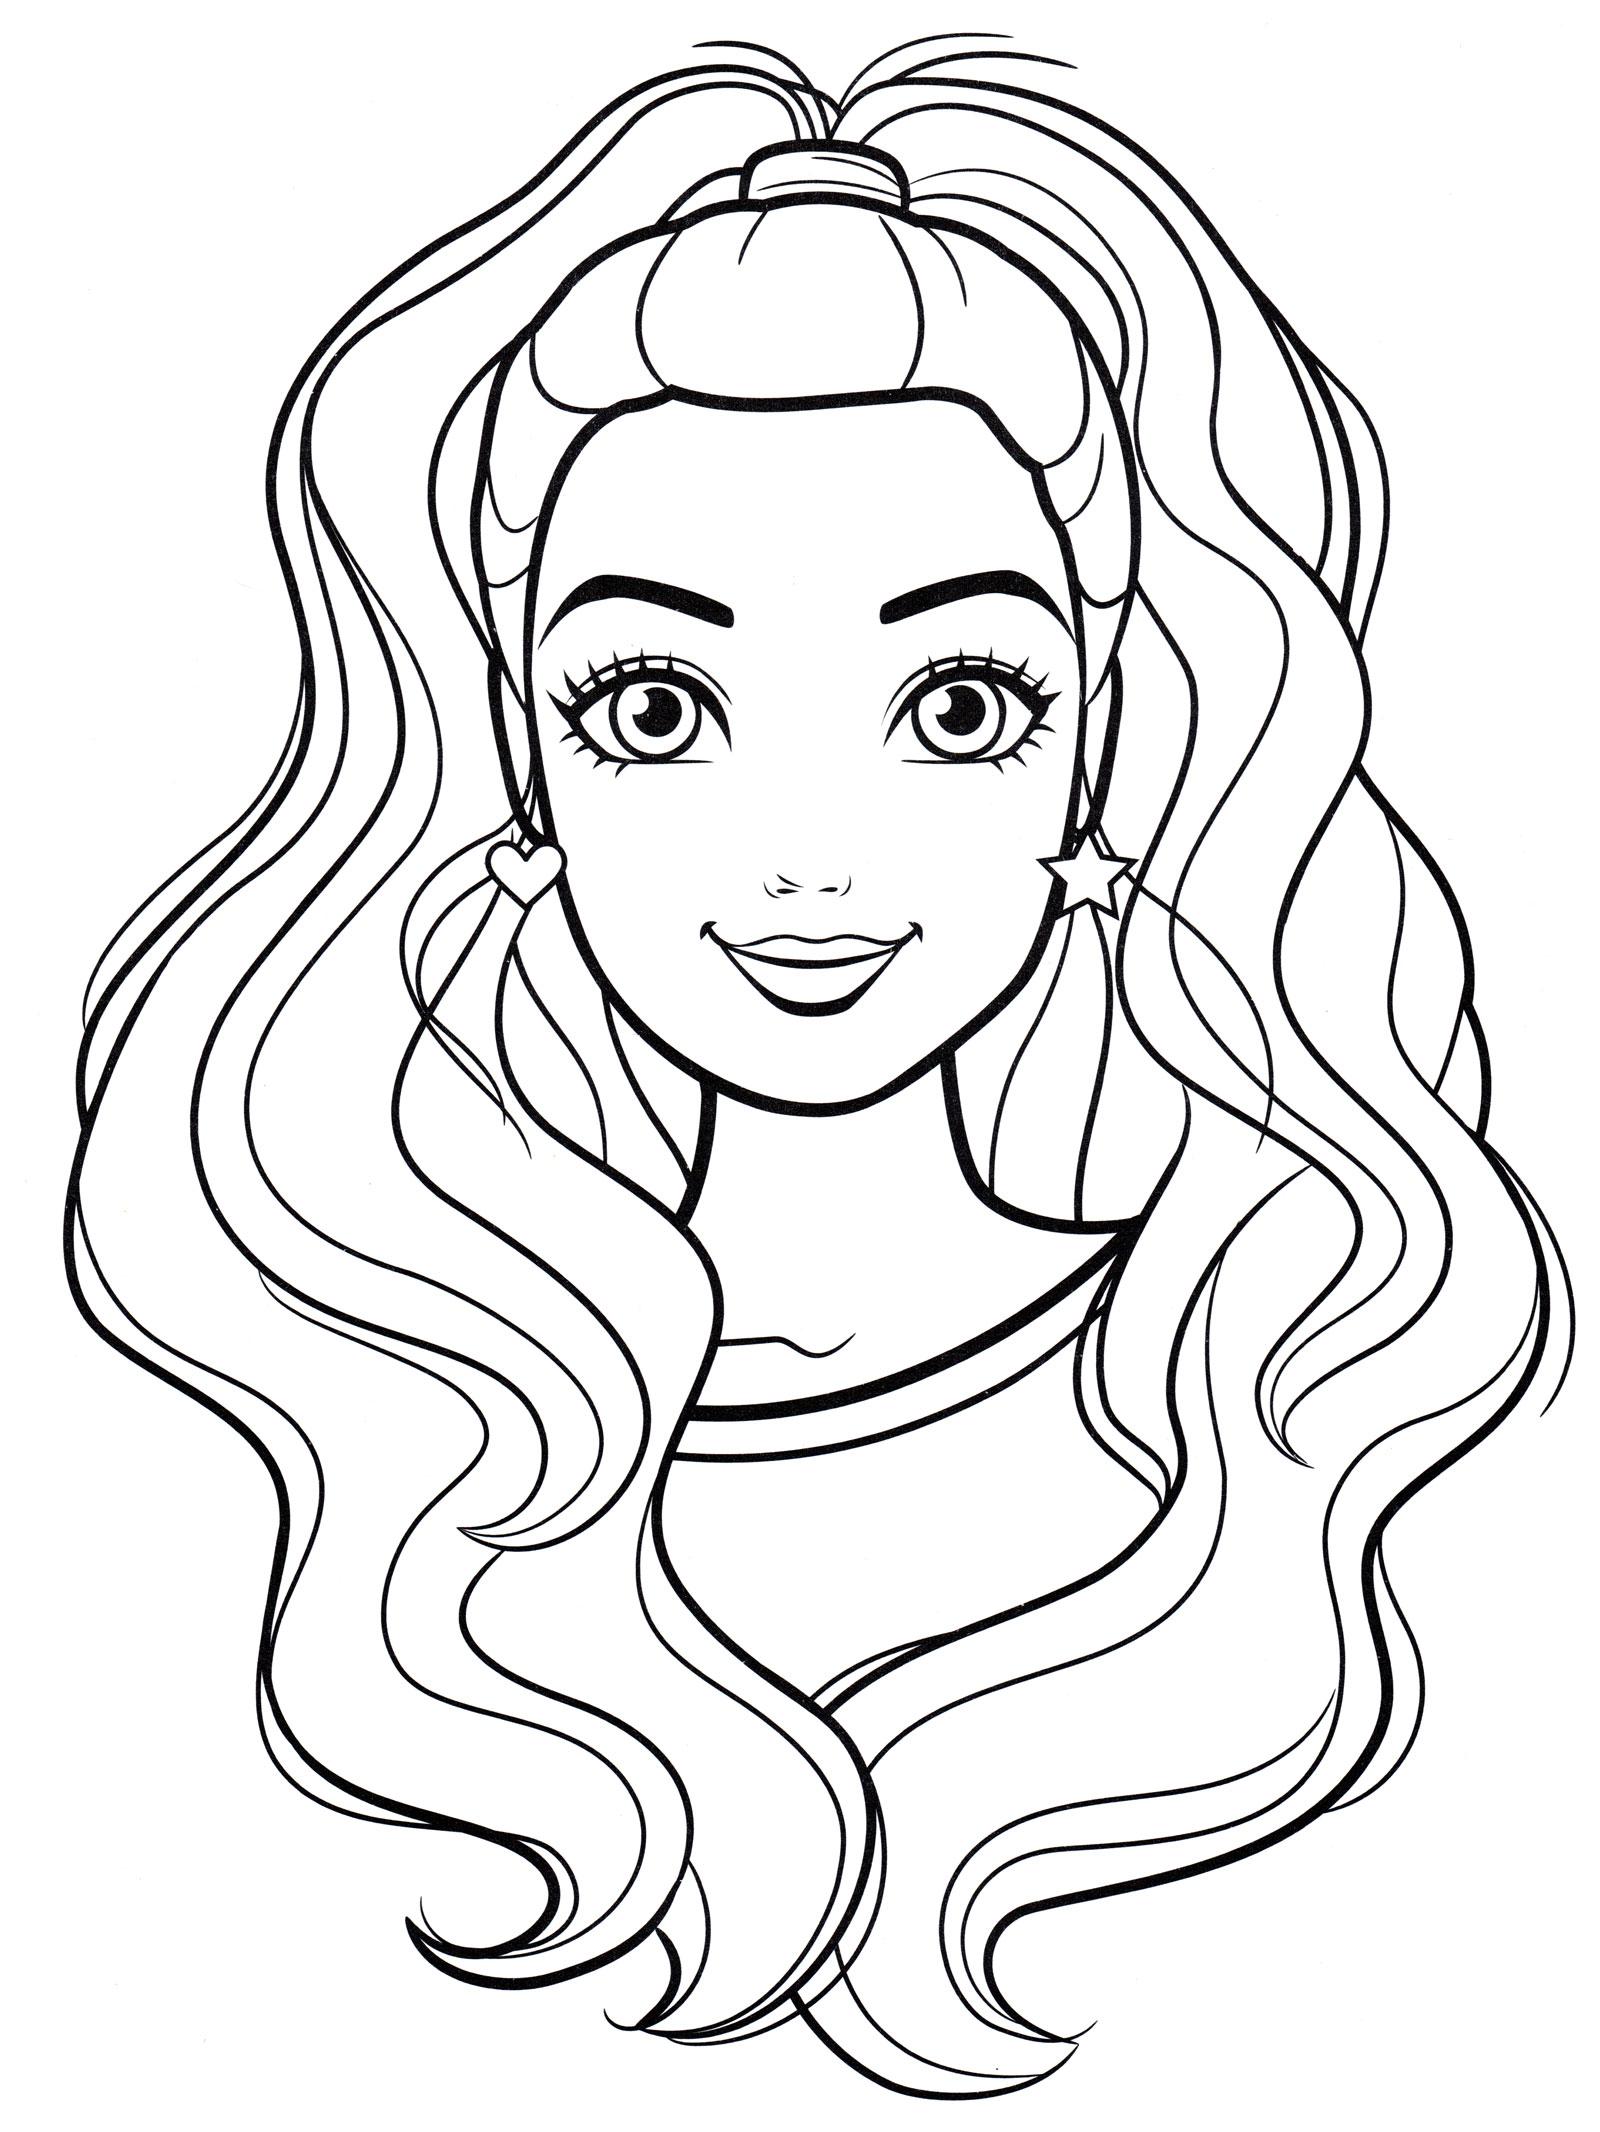 Раскраска Красивая прическа Барби - распечатать бесплатно